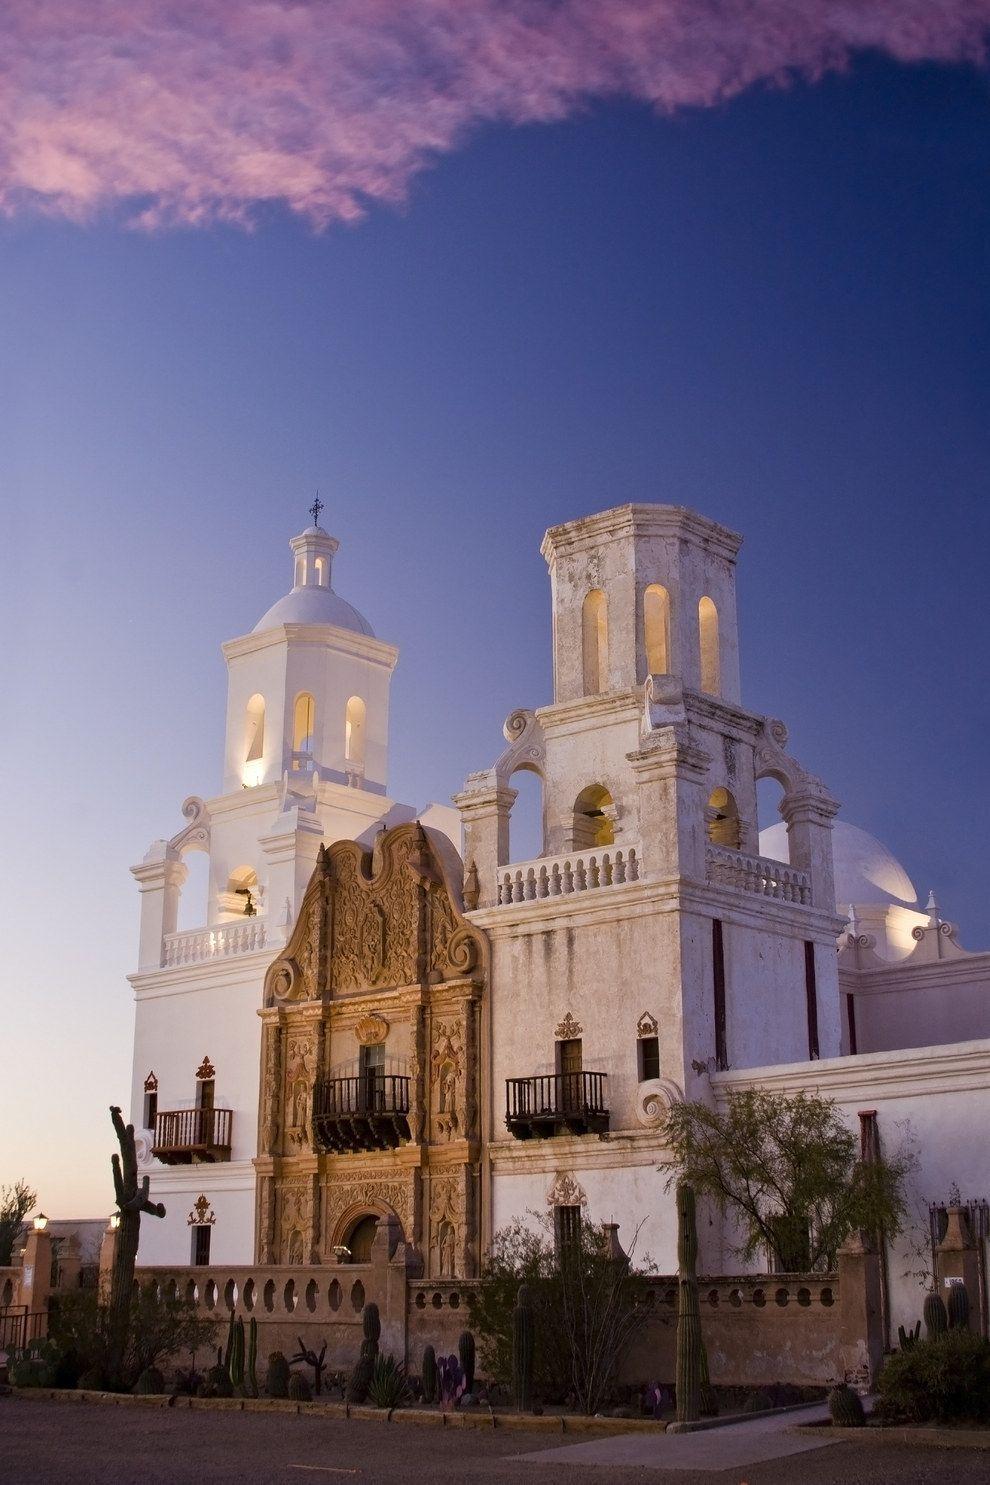 Sevilla tiene muchas iglesias y palacios de El Moores porque la ciudad era muy Catolíca